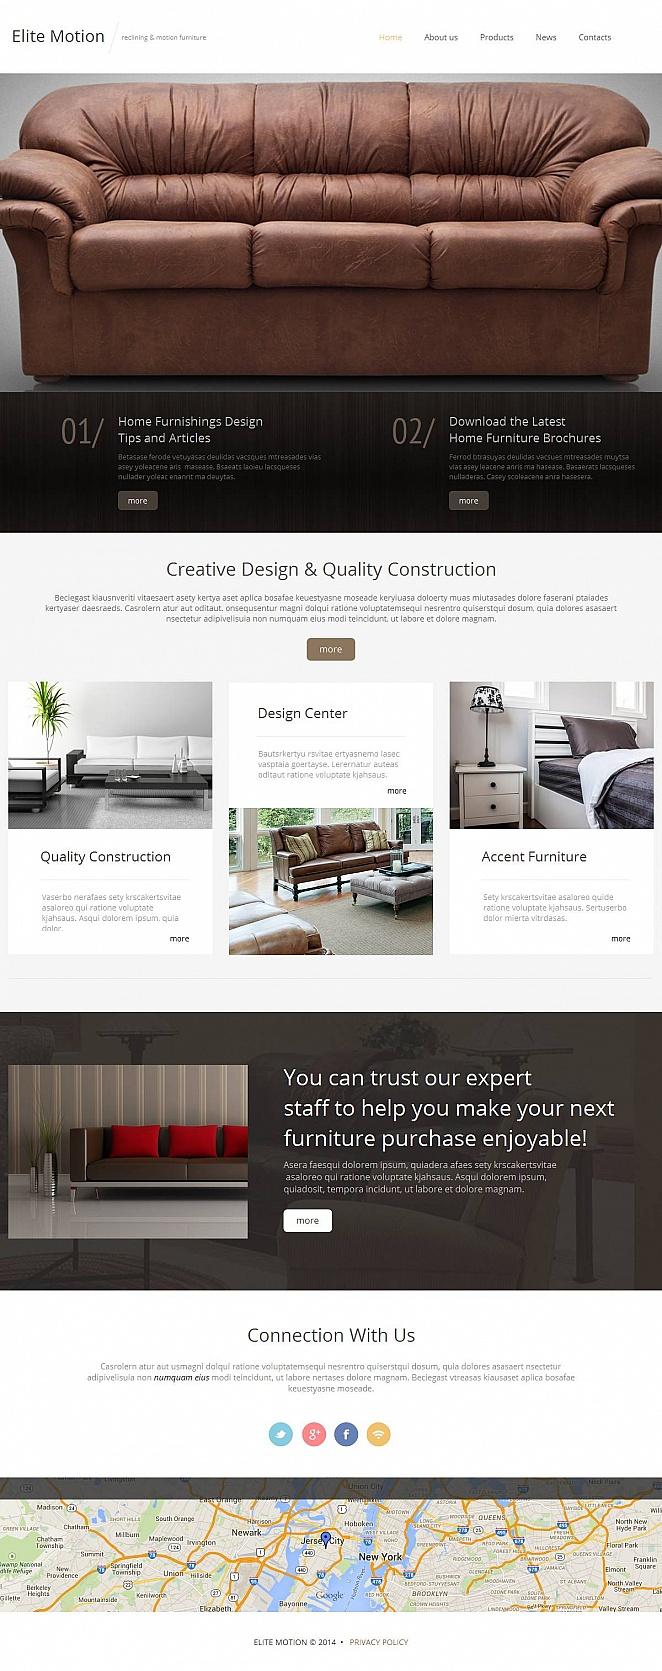 MotoCMS HTML Plantilla #52204 de categoría Interiores y muebles - image